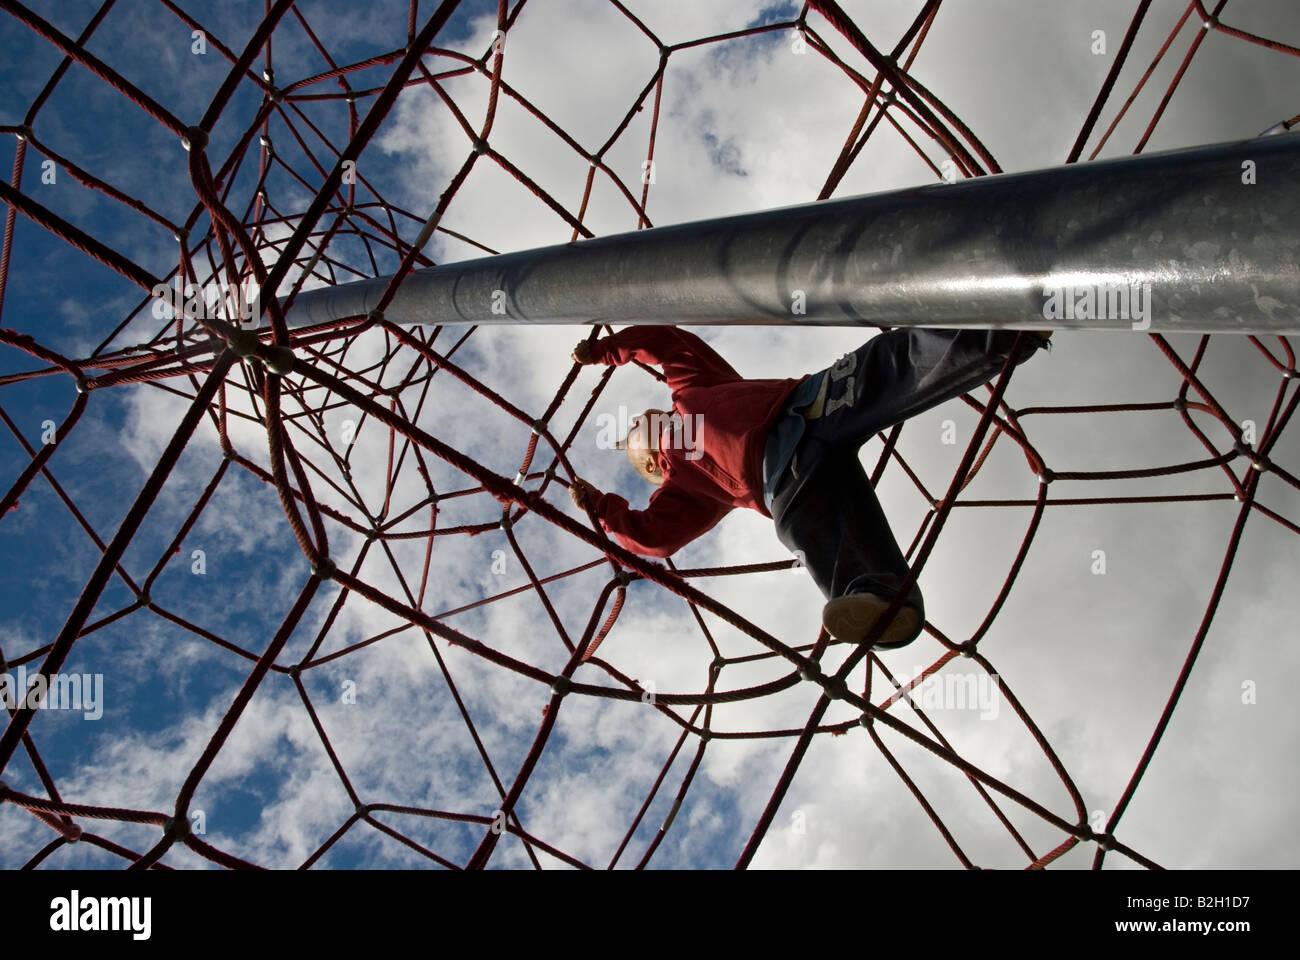 Klettergerüst Aus Seilen : Neues klettergerüst im stadtpark radio gütersloh